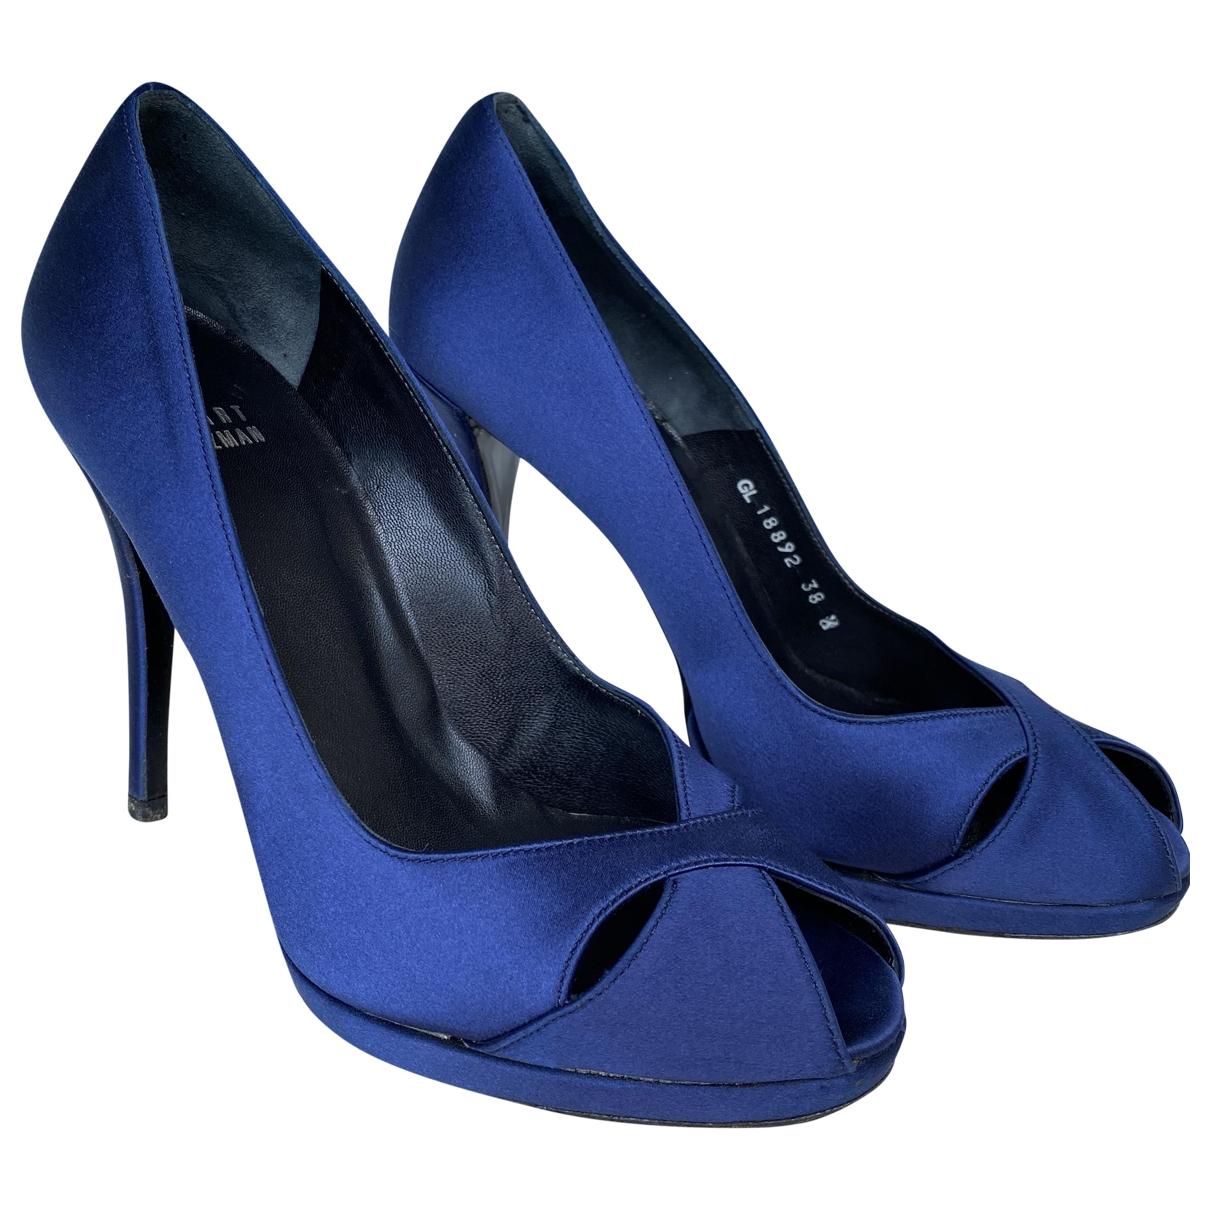 Stuart Weitzman - Escarpins   pour femme en toile - bleu